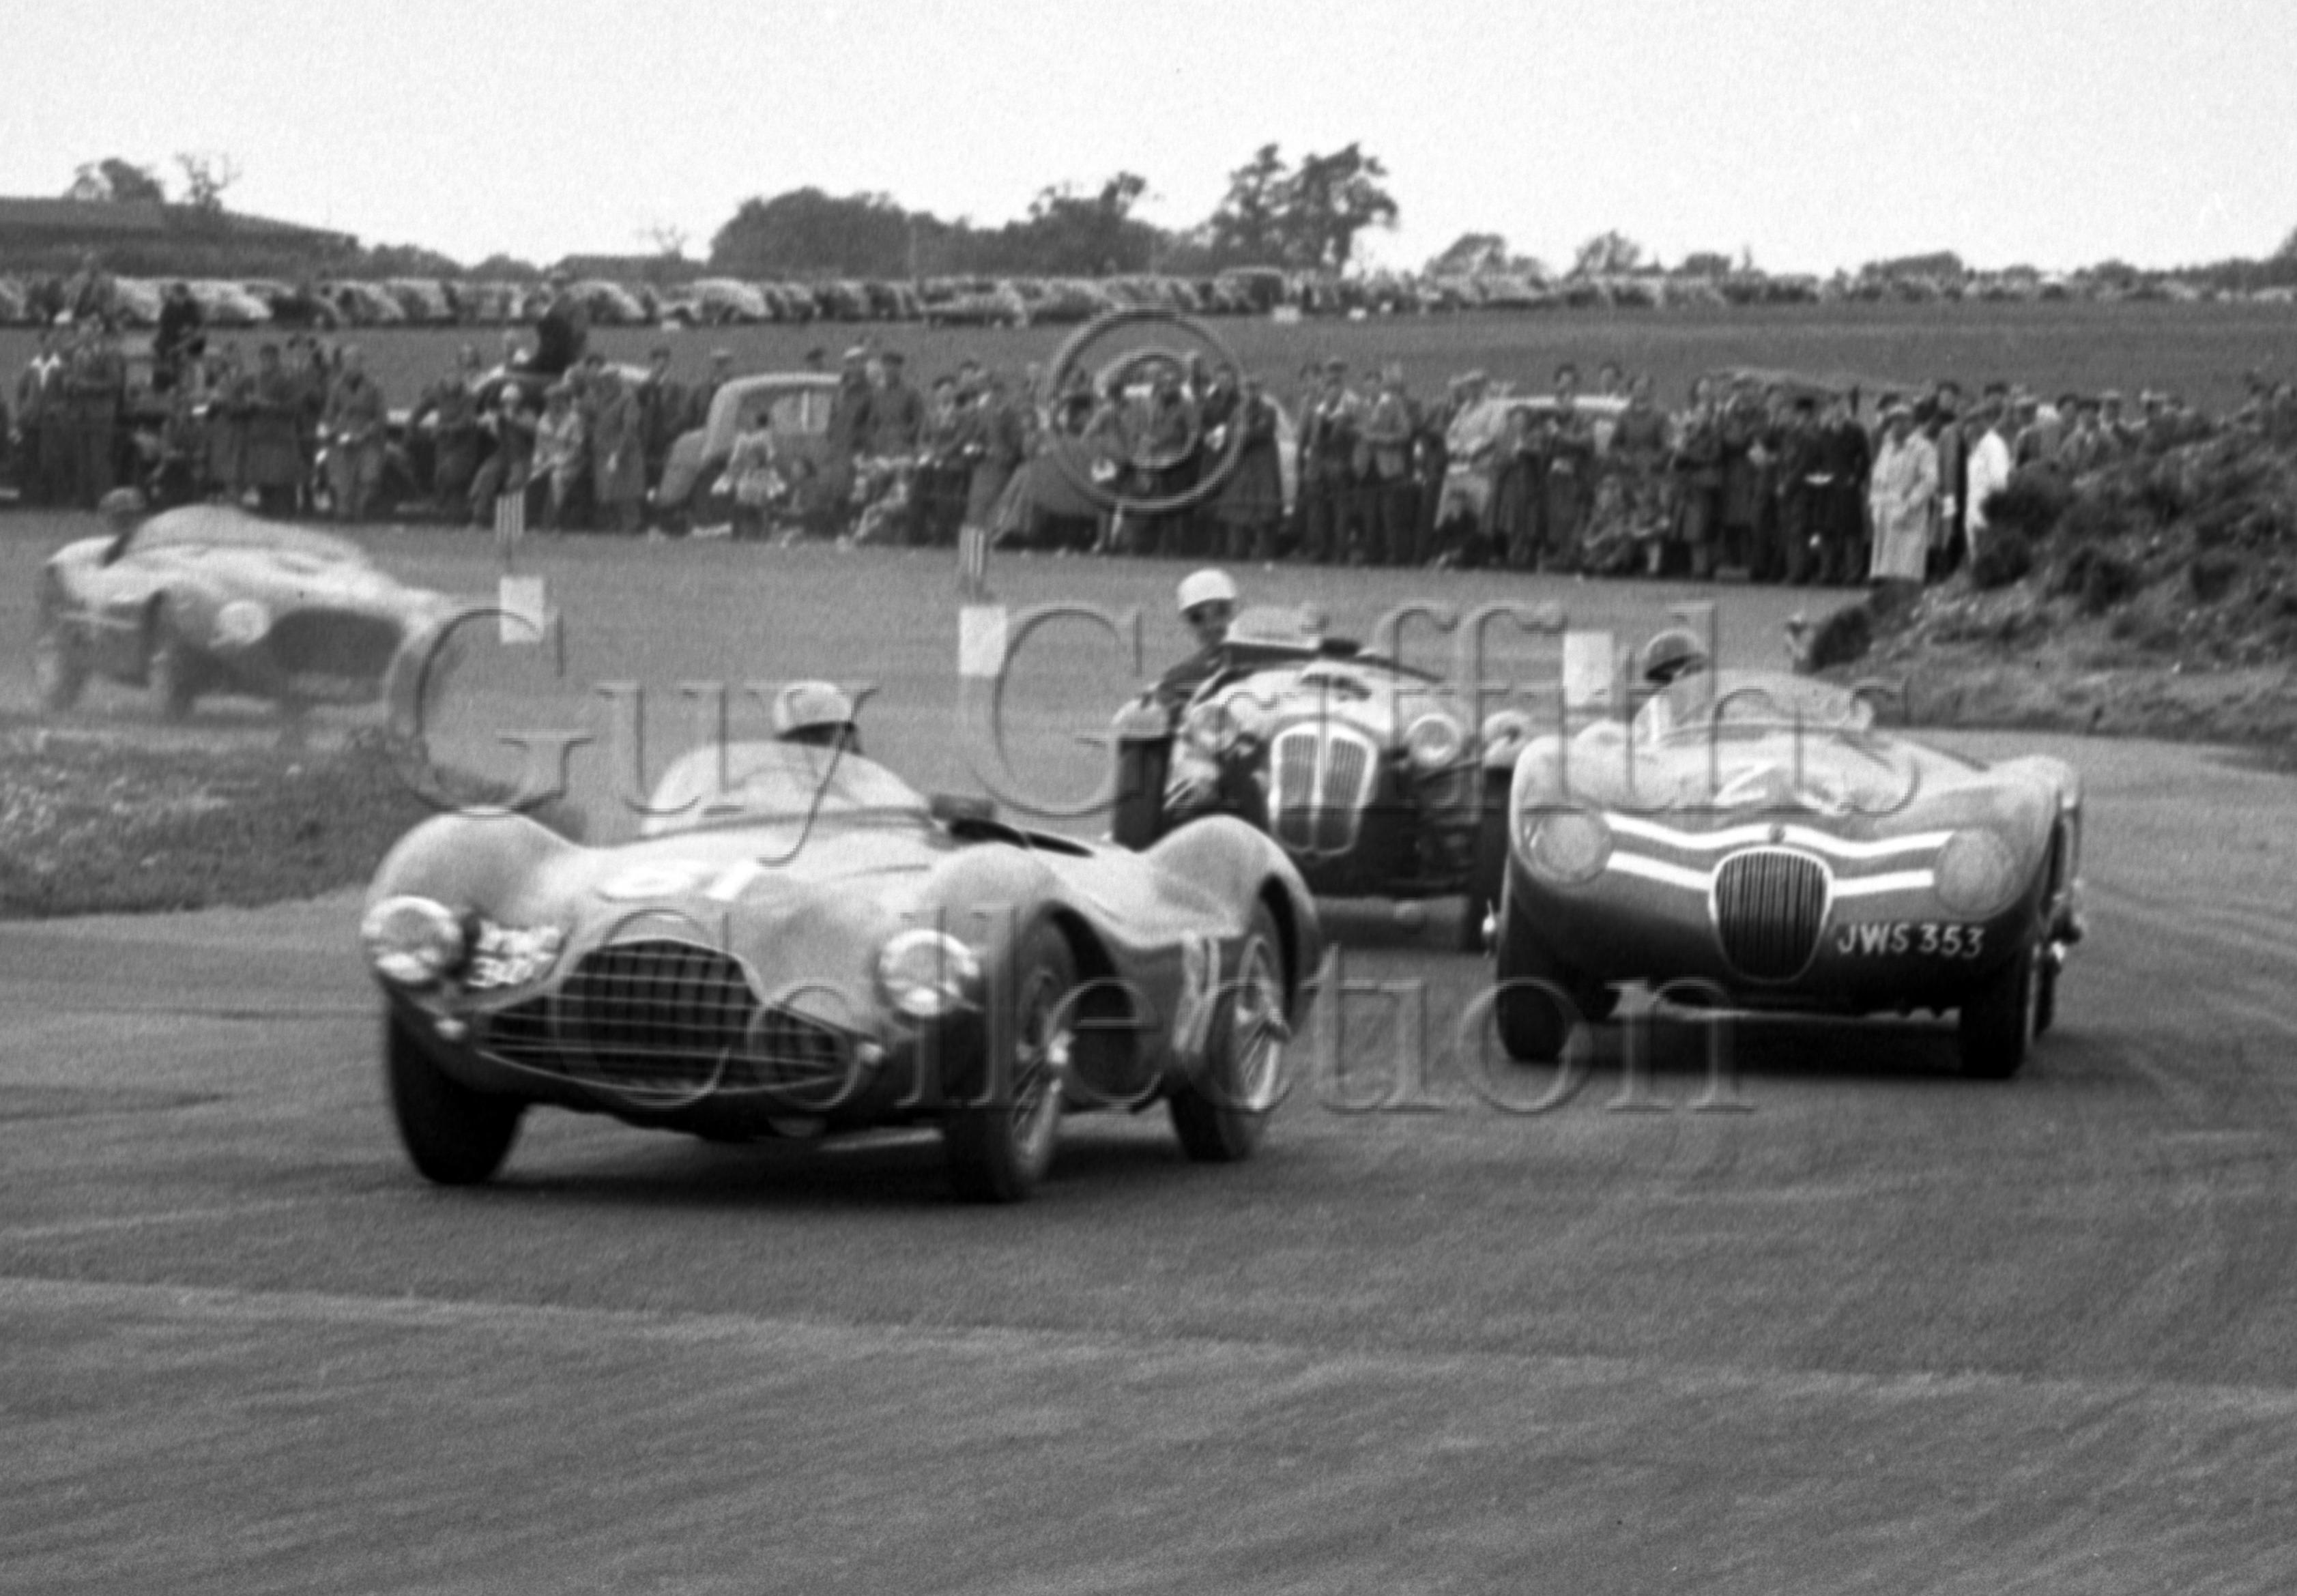 70-794–J-R-Stewart–Ecurie-Ecosse-Jaguar-C-Type-JWS-353–No-23–Snetterton–30-05-1953.jpg - Guy Griffiths Collection